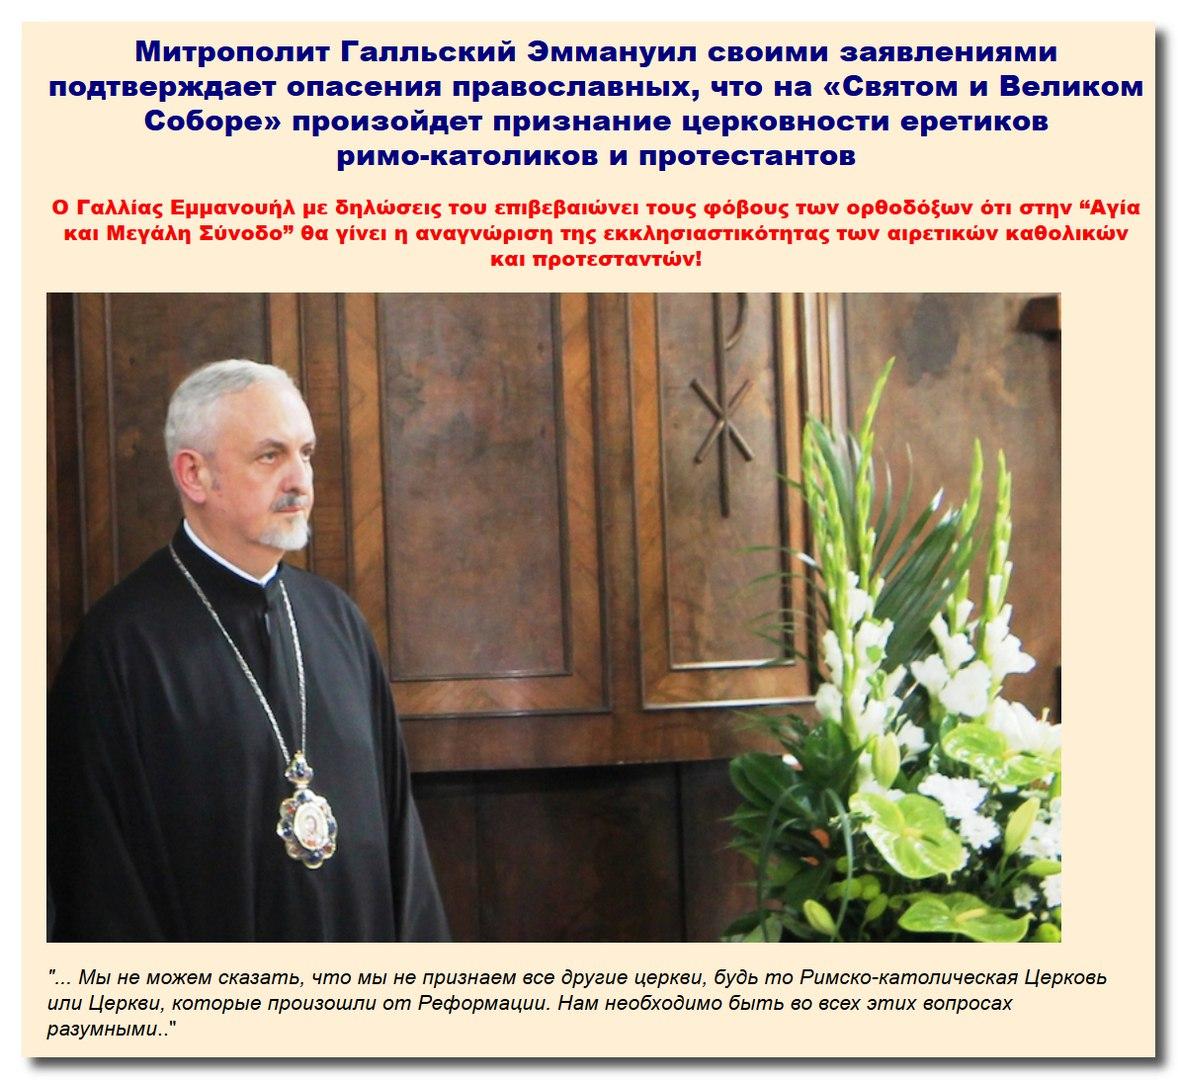 http://vseeresi.ucoz.ru/avatar/66/001.jpg